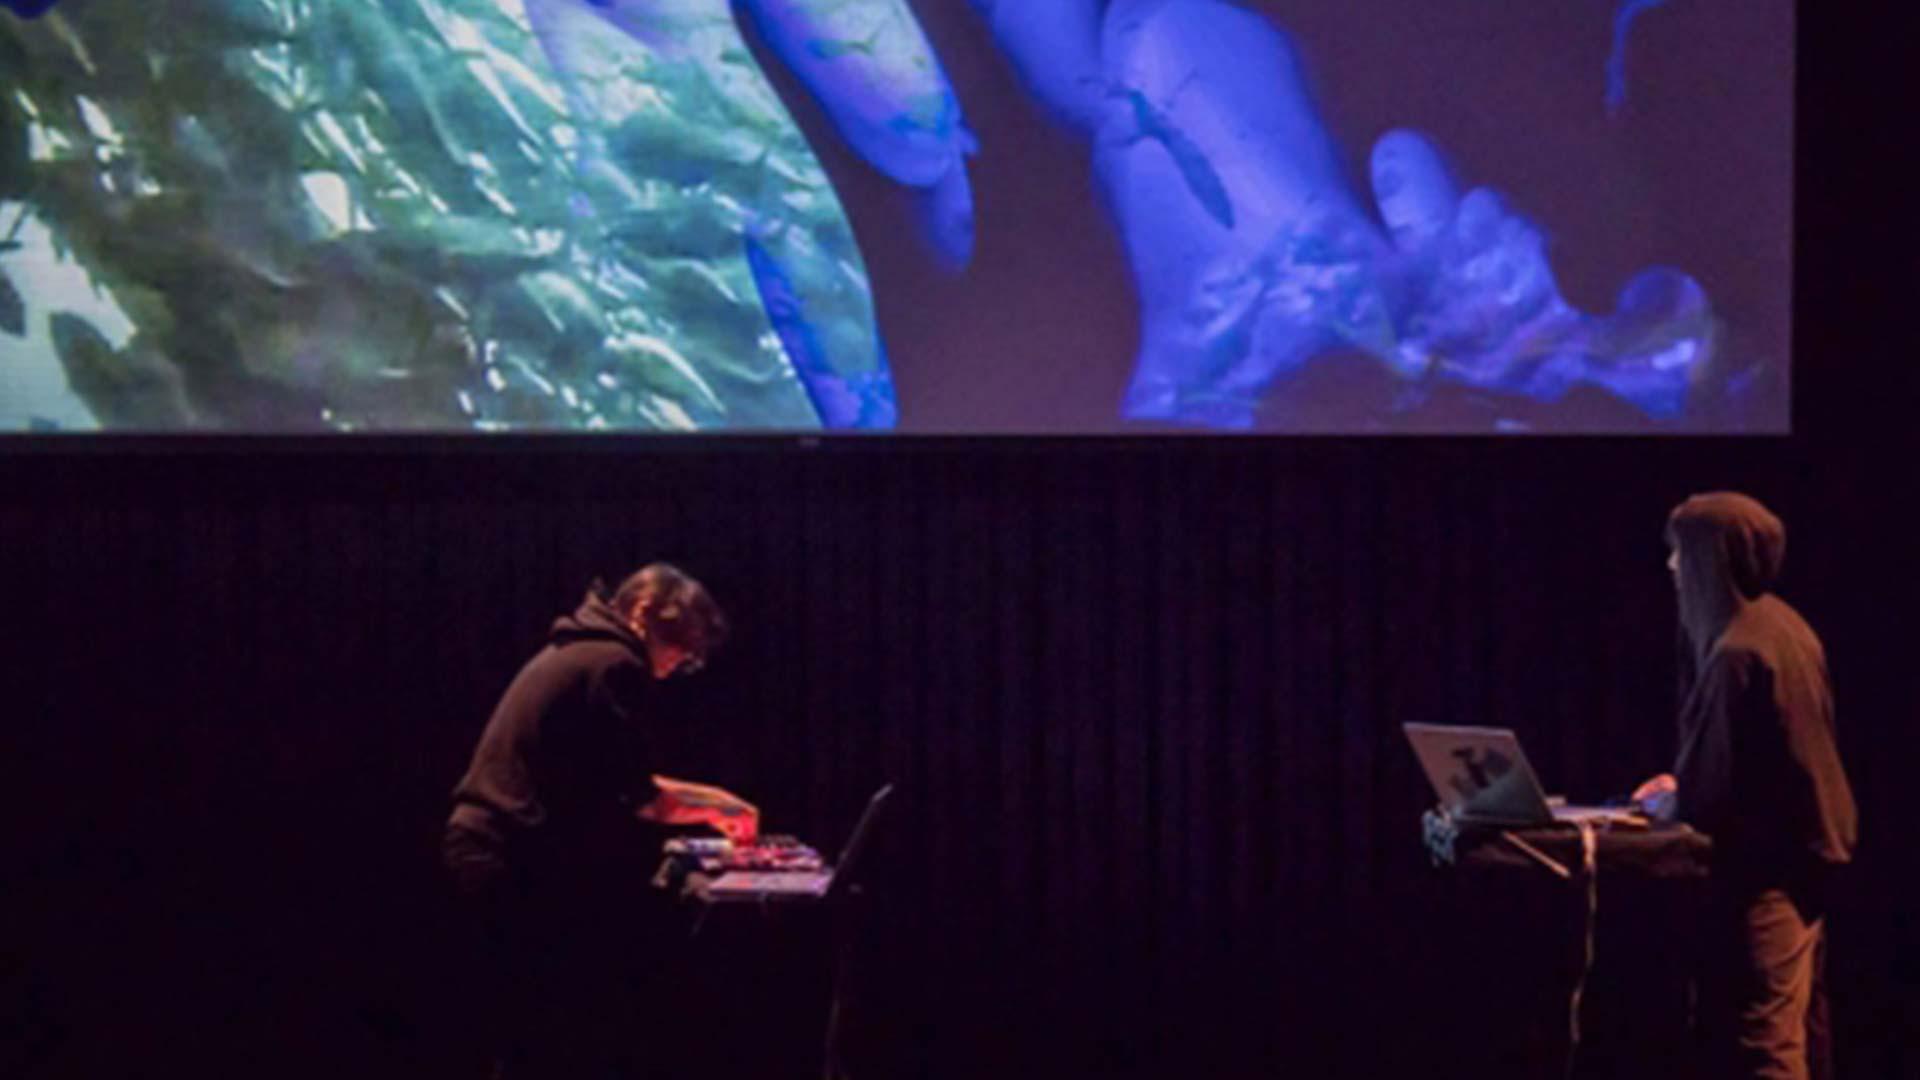 Visuales para artes escénicas. Mapping, interactivos y performance audiovisual.